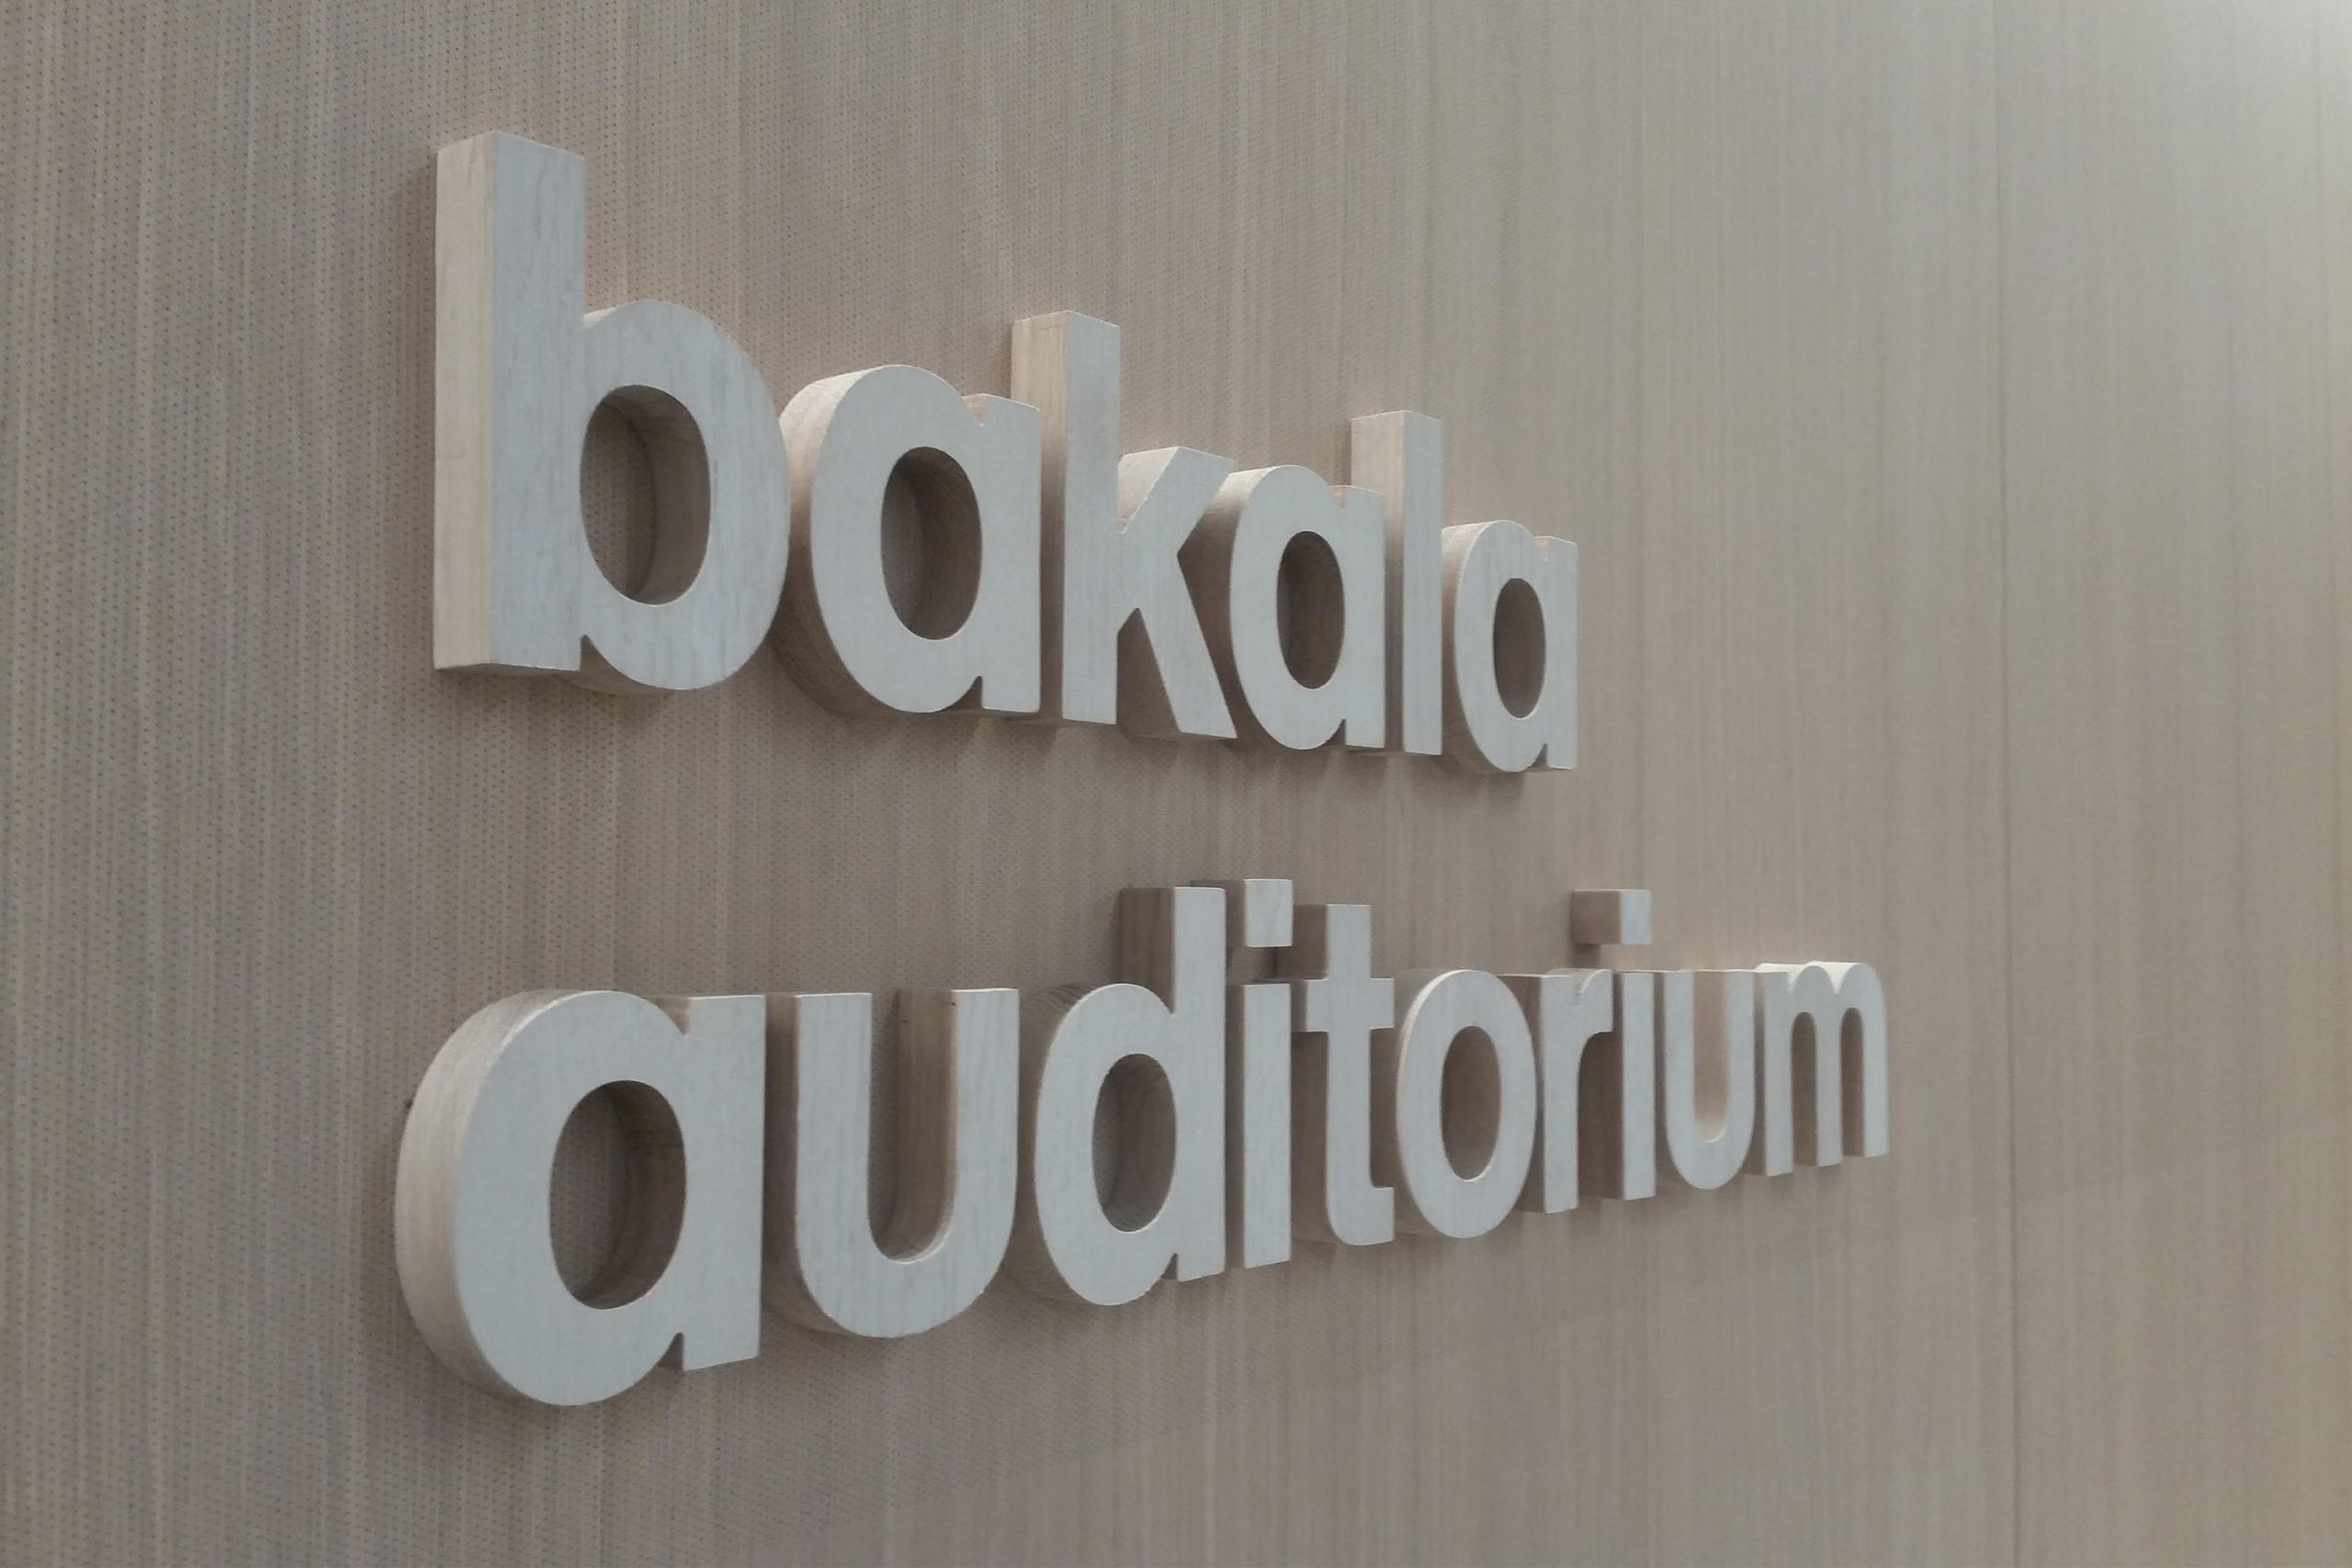 Sustainable Oak lettering signage